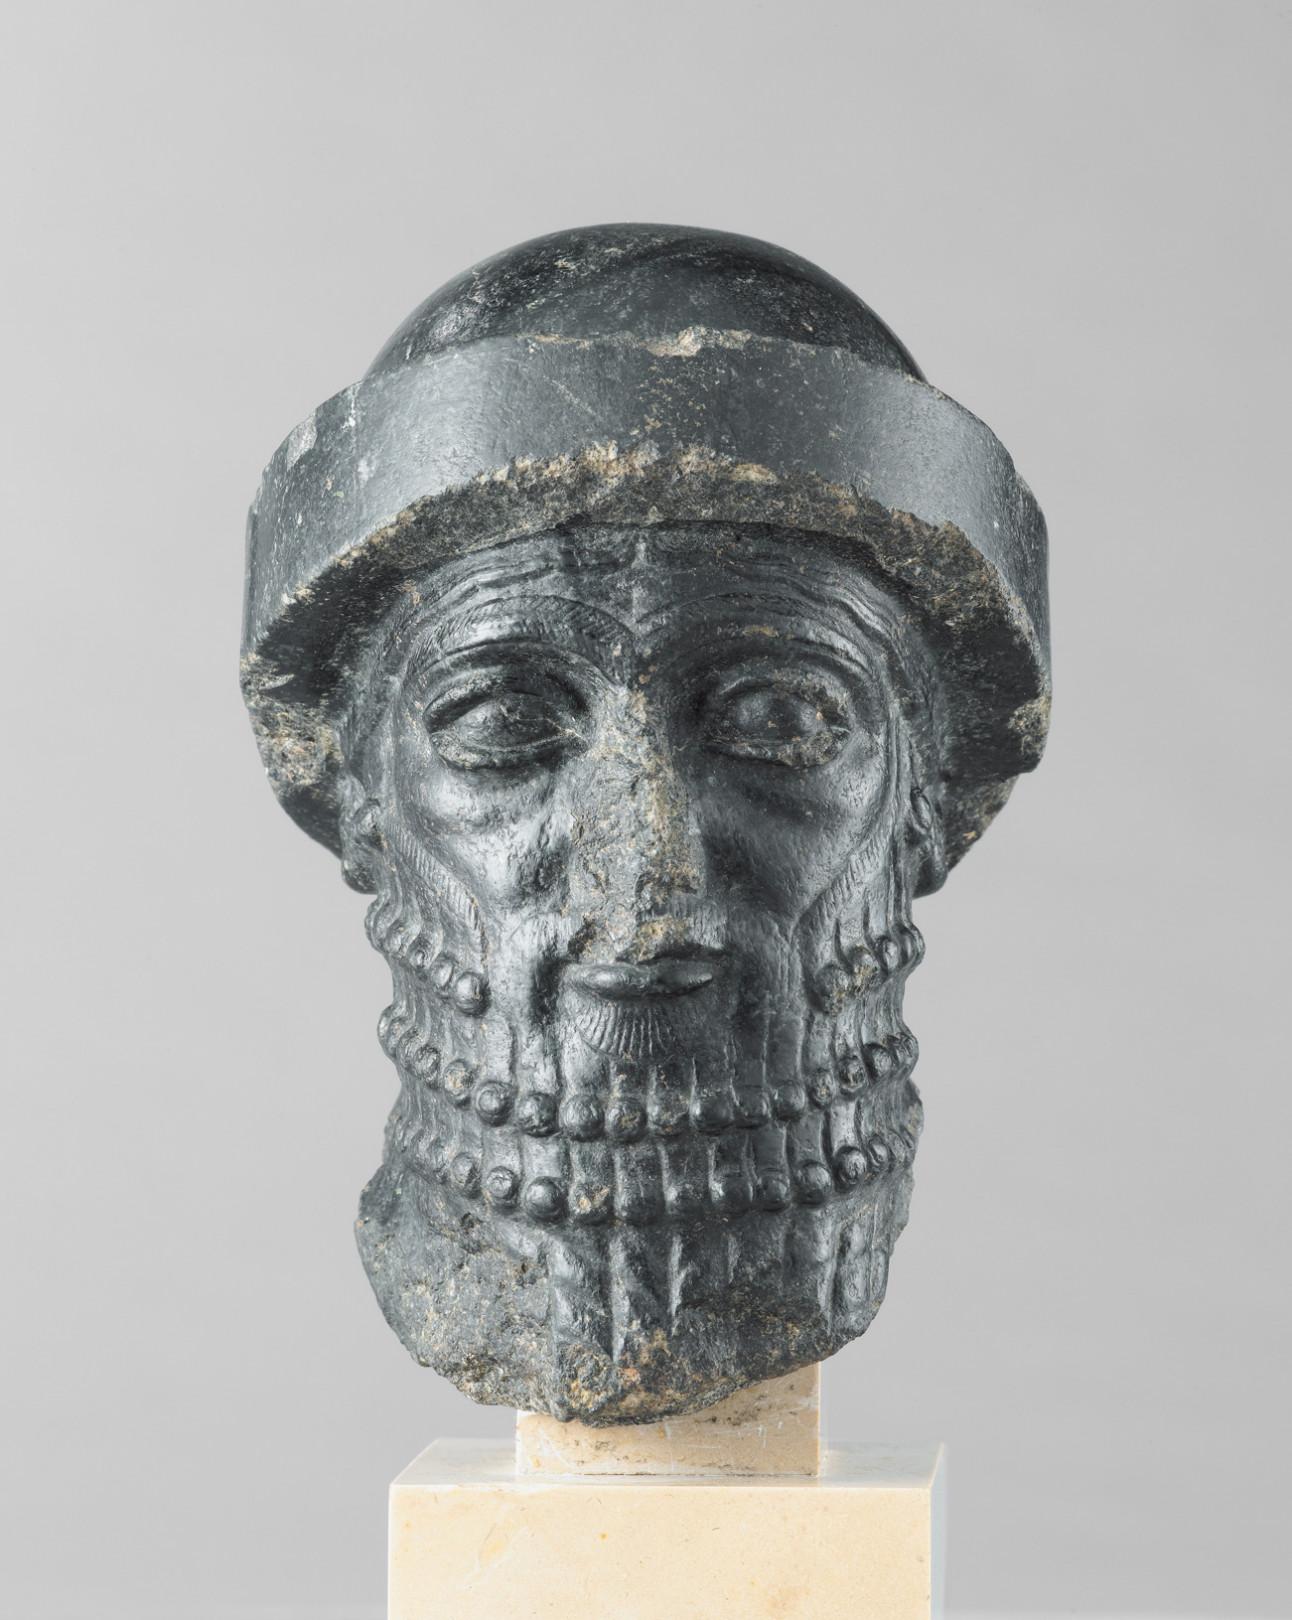 《王の頭部》、通称《ハンムラビ王の頭部》バビロン第1王朝、前1840年頃 イラン、スーサ出土